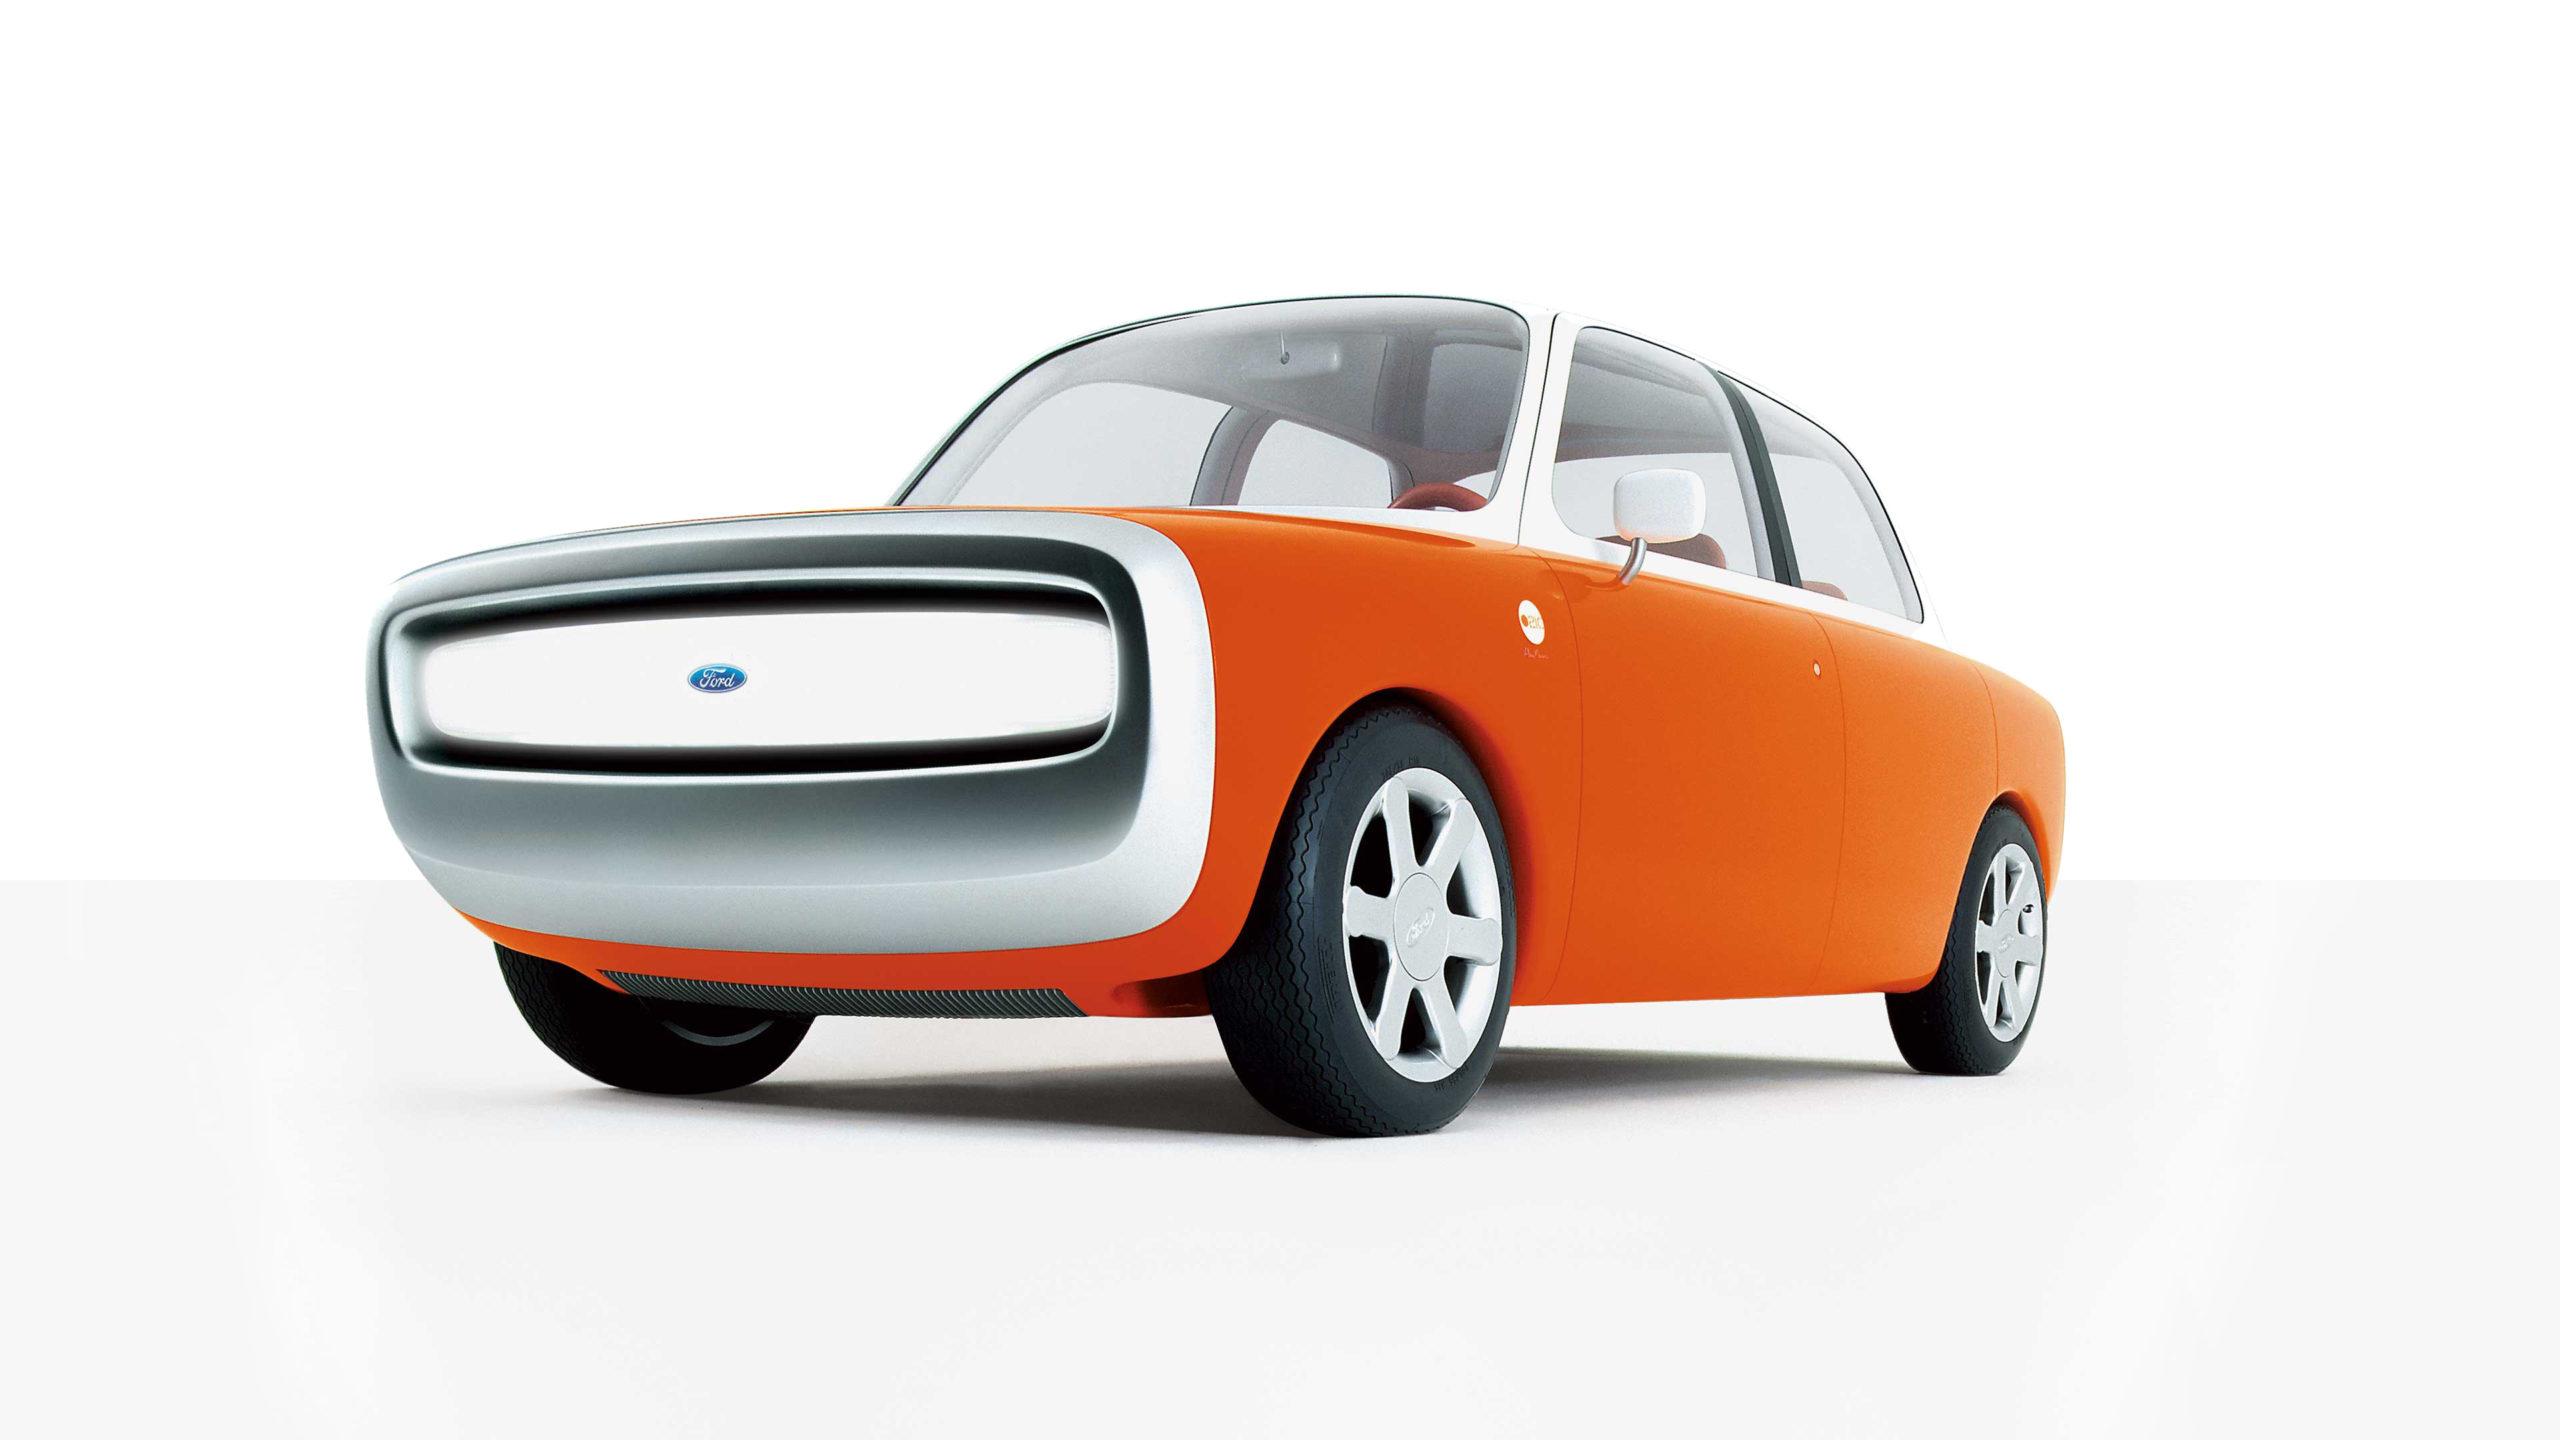 Ford 021C Concept car in orange